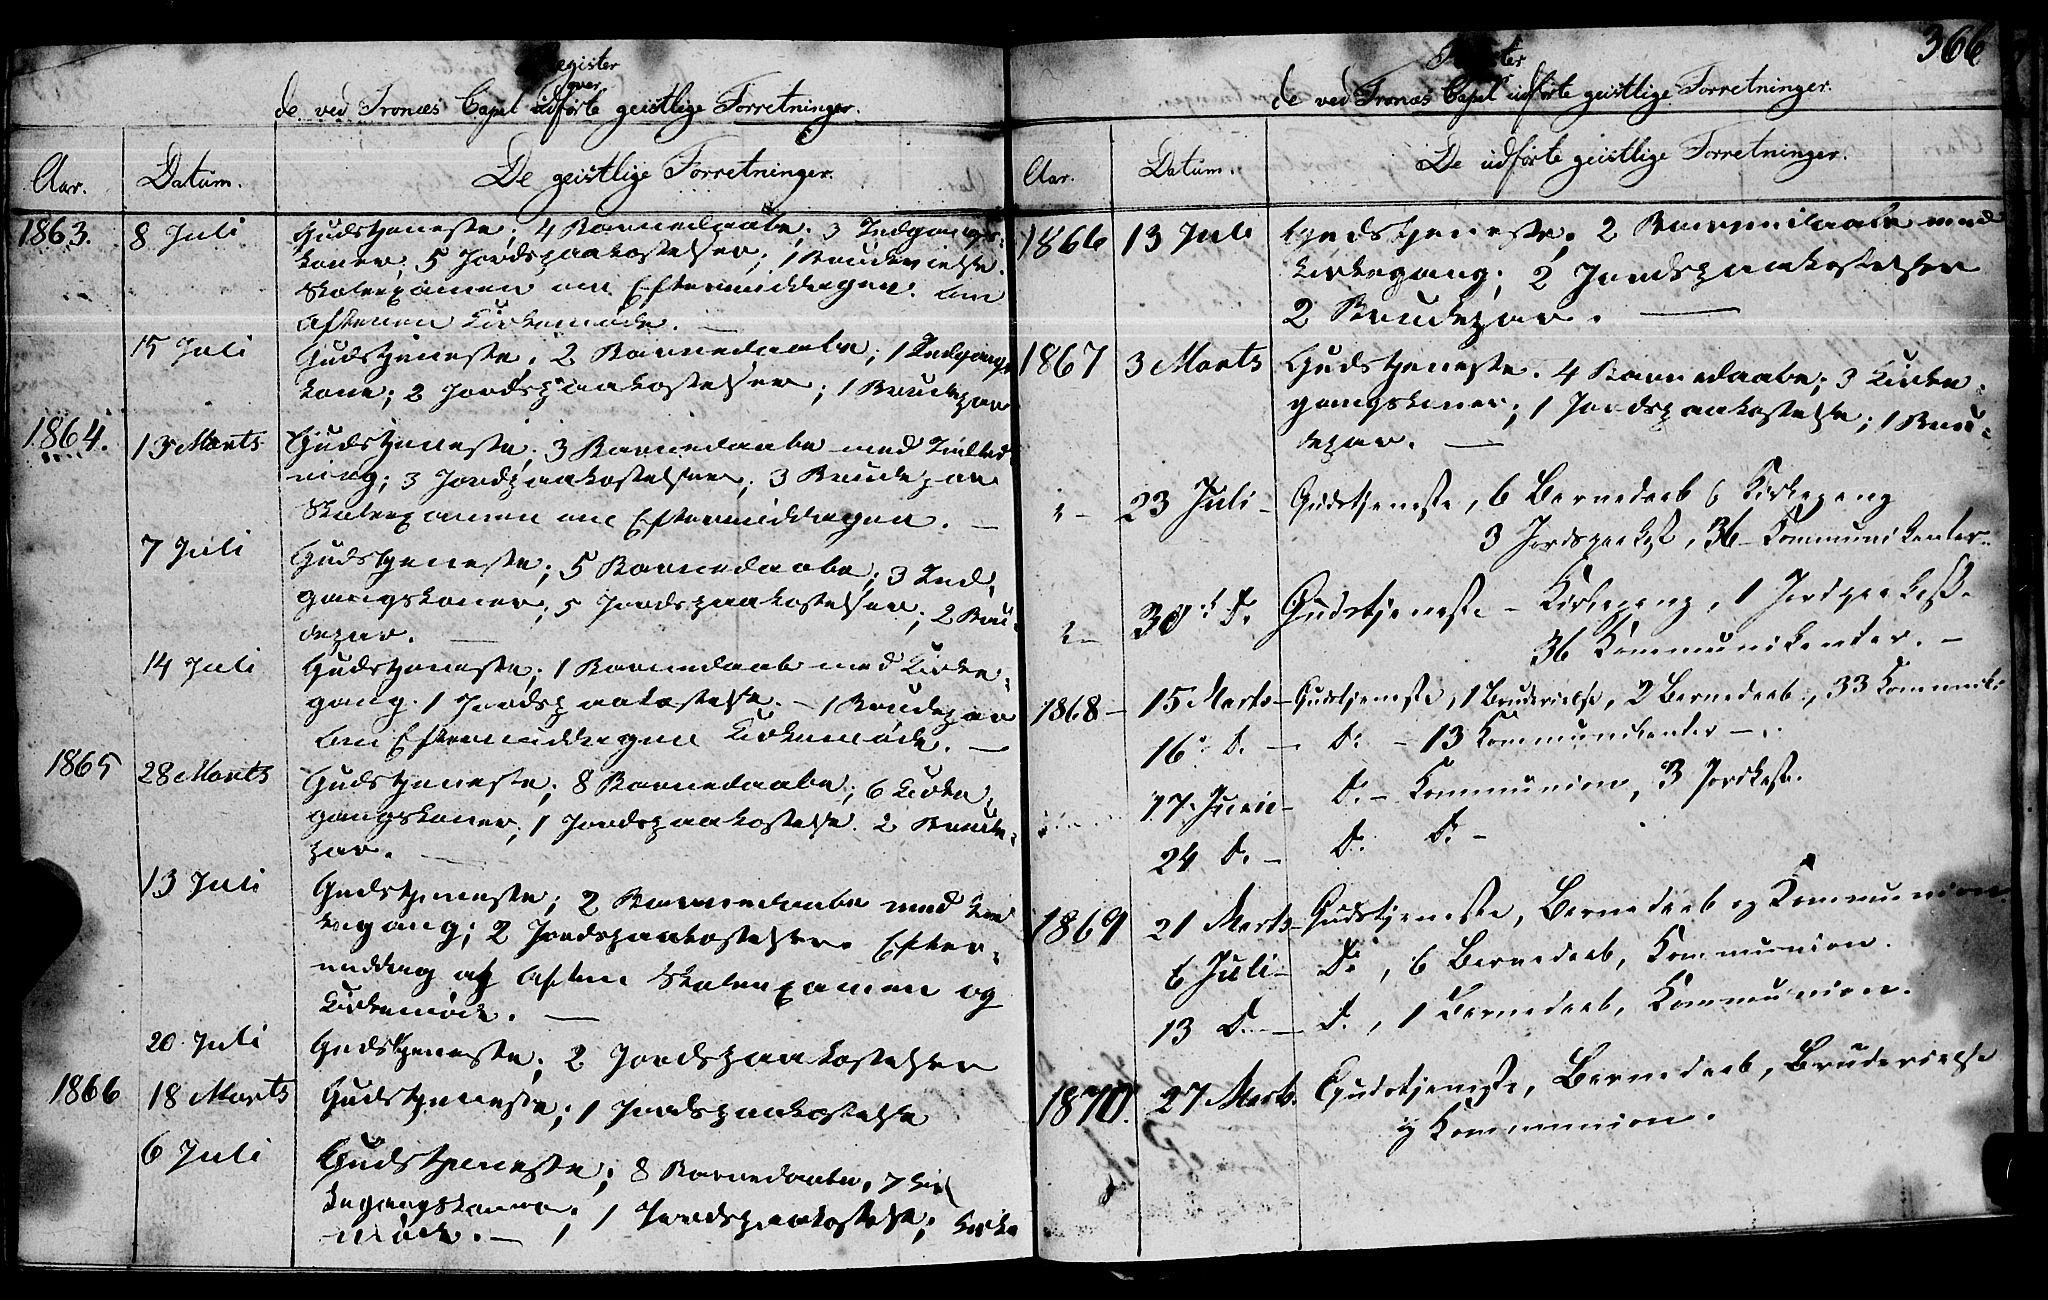 SAT, Ministerialprotokoller, klokkerbøker og fødselsregistre - Nord-Trøndelag, 762/L0538: Ministerialbok nr. 762A02 /2, 1833-1879, s. 366